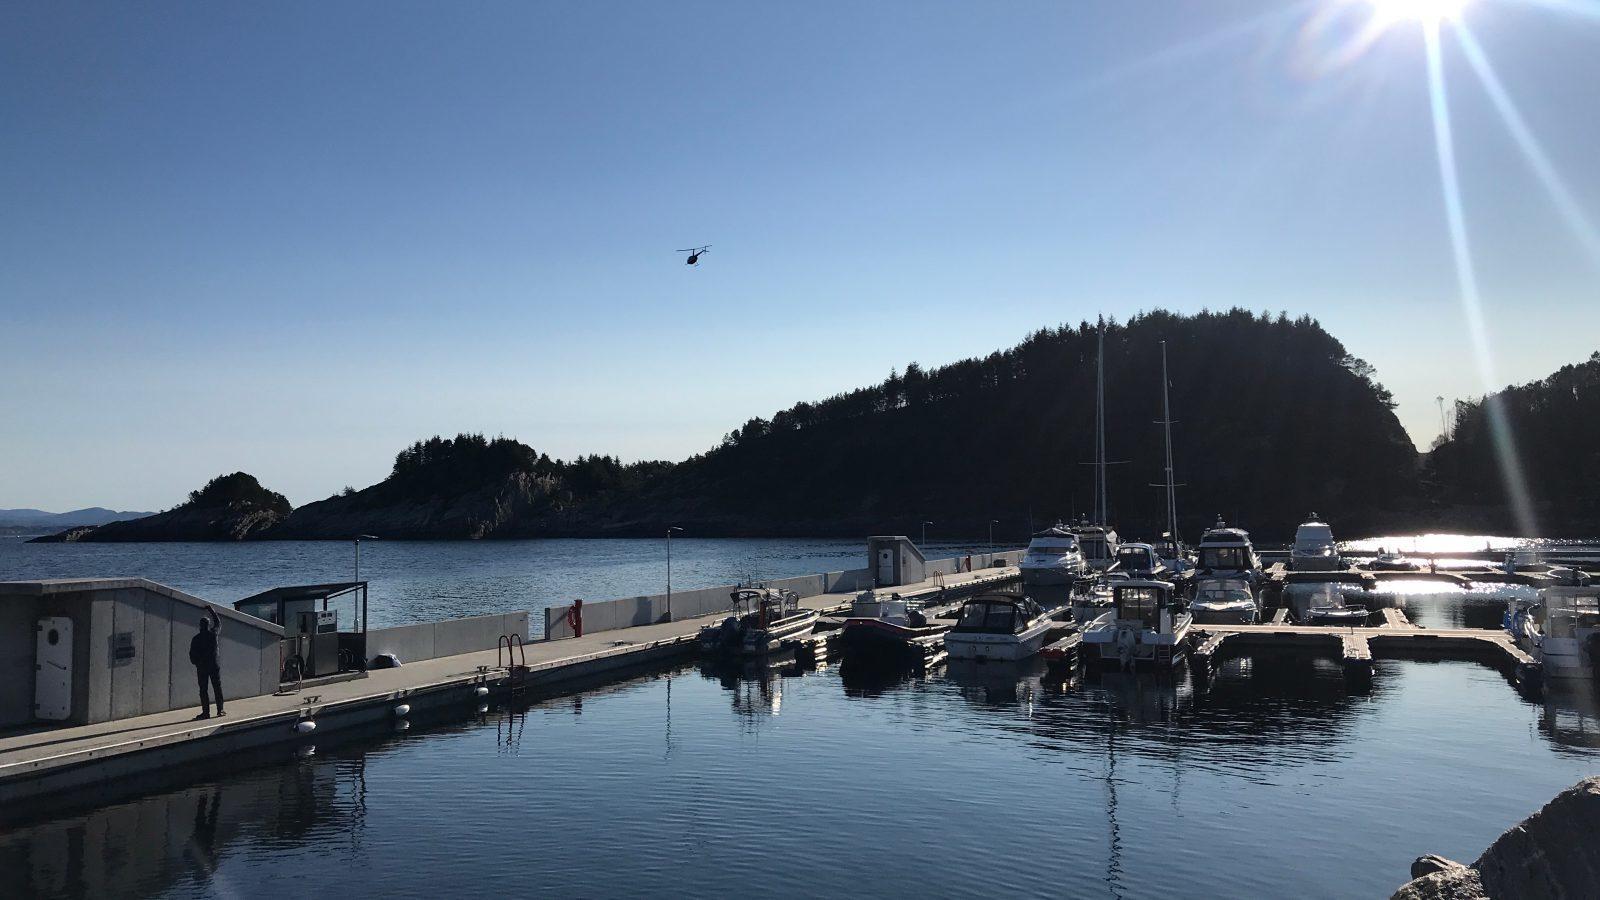 https://marinasolutions.no/uploads/Flytemolo_rennebrygger_landgang-Hjeltefjorden-Båtlag-og-Gjestehavn-110.jpg